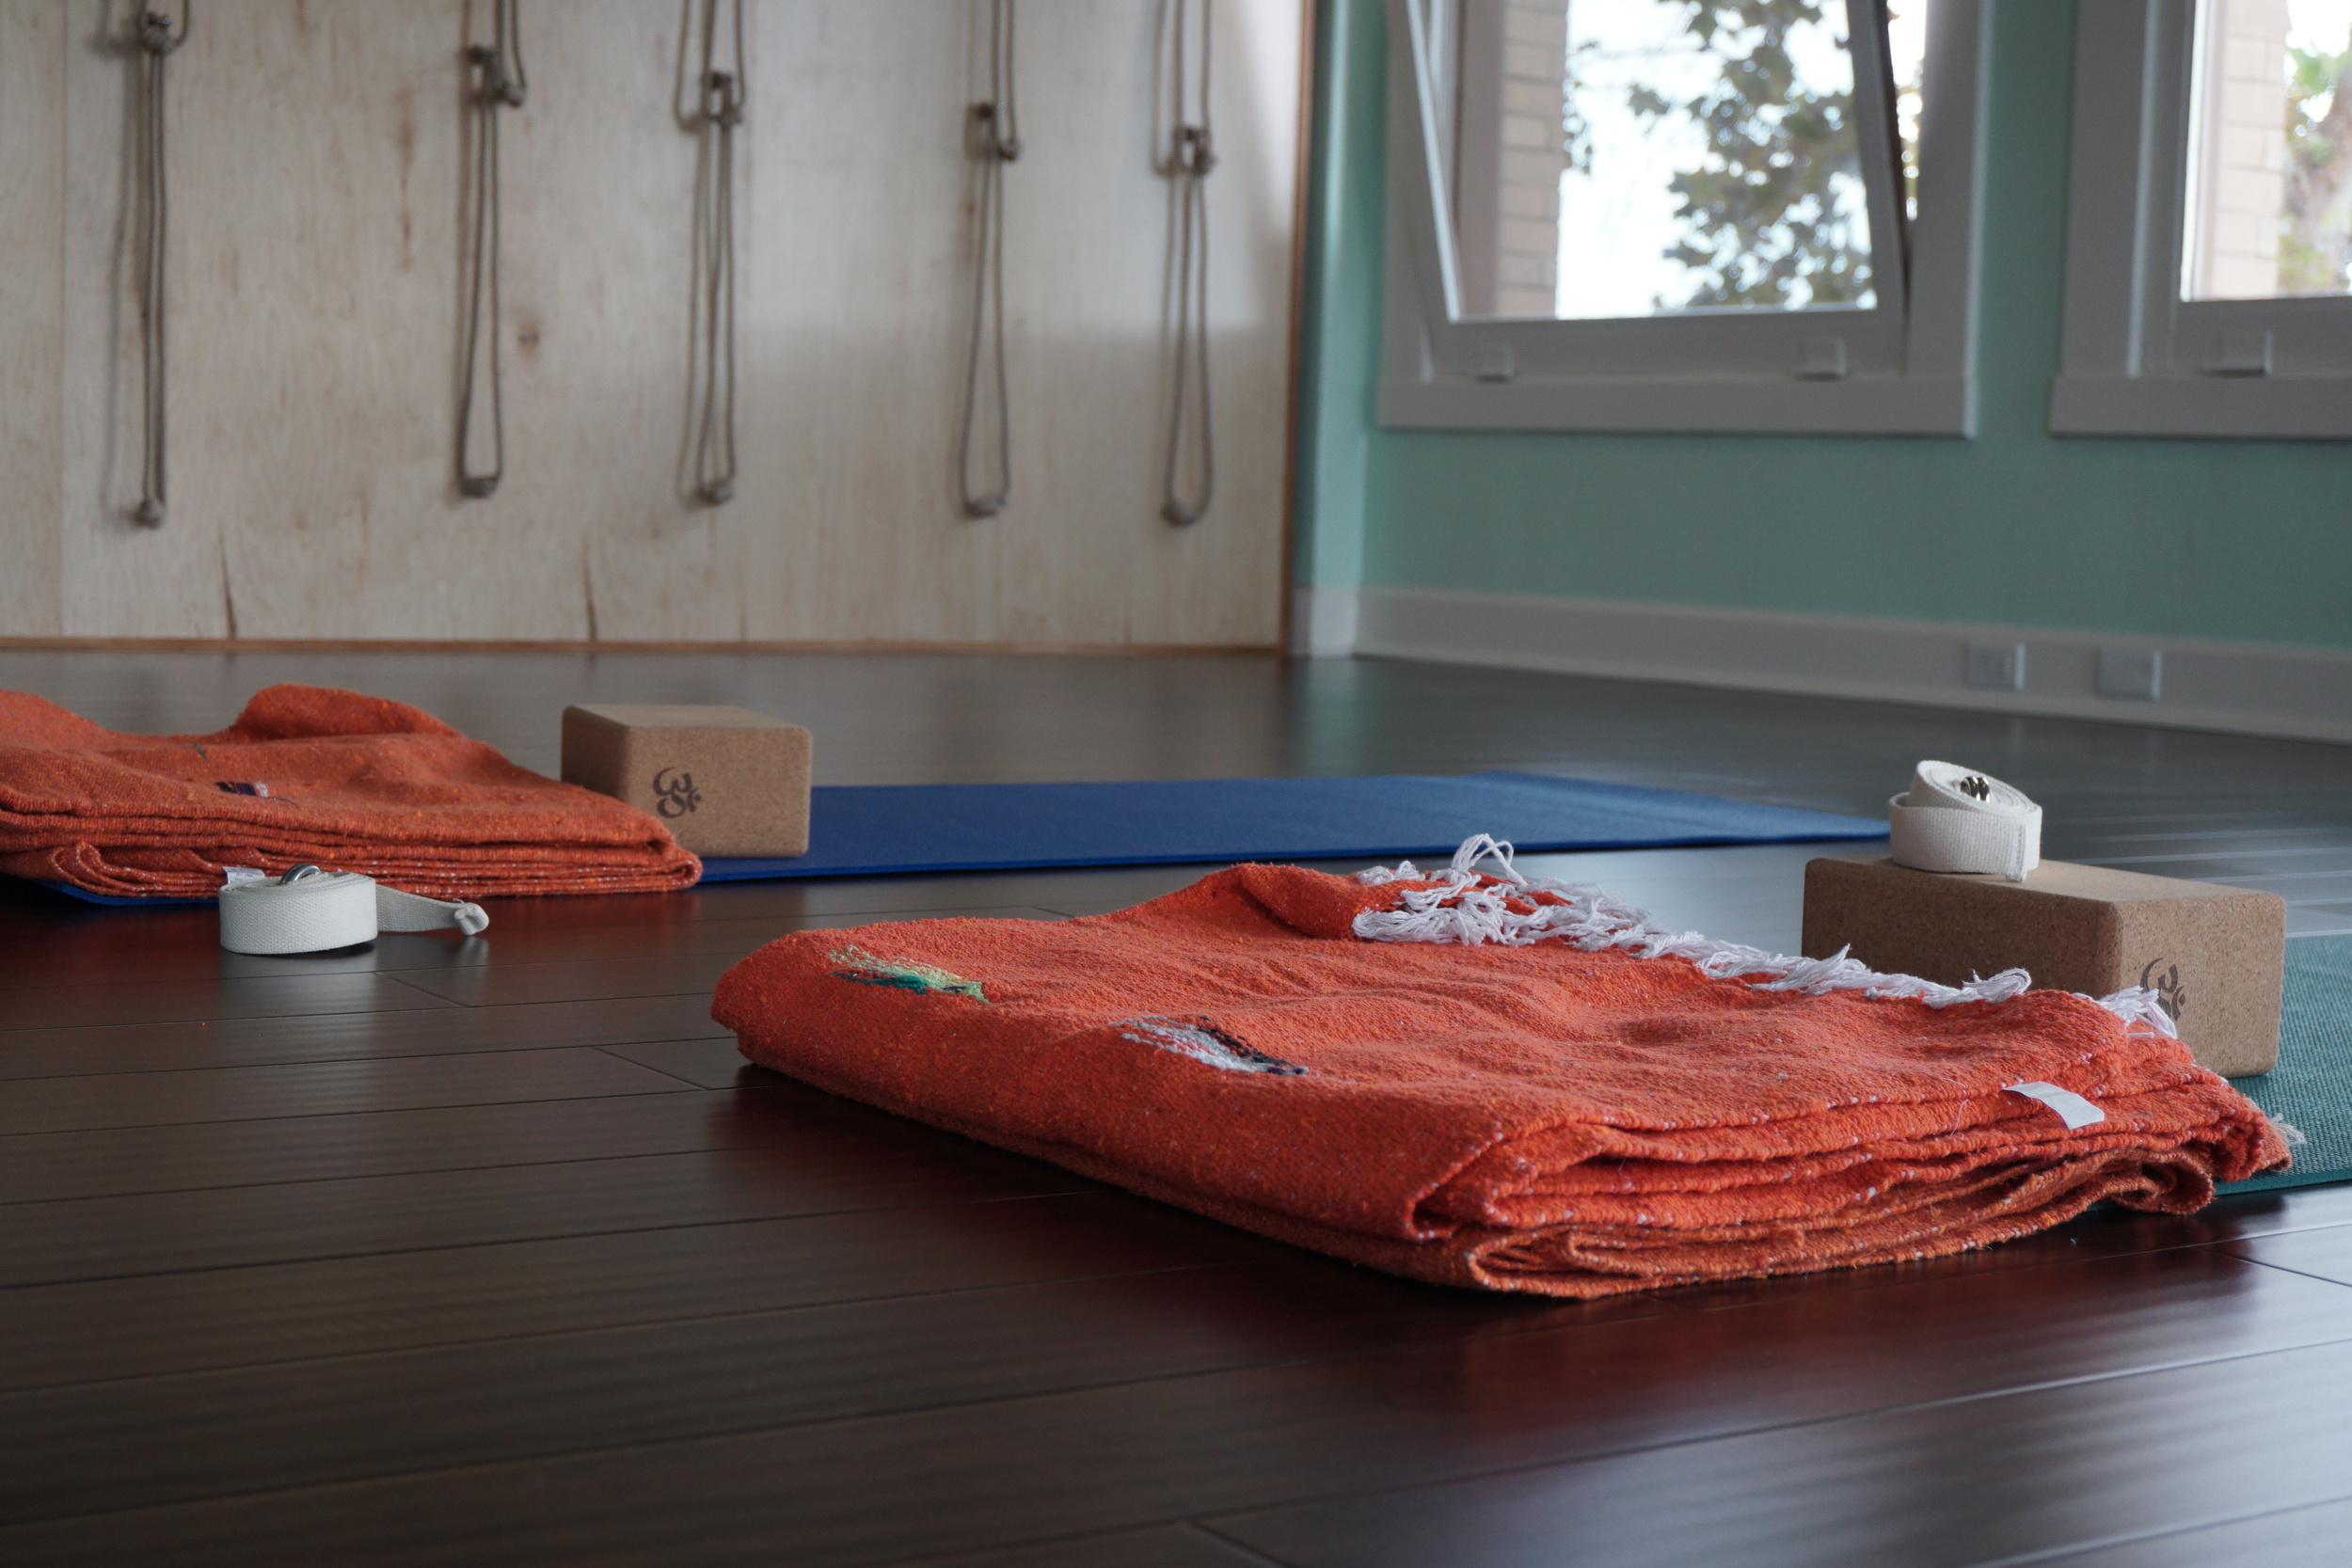 claremont-yoga-setup.JPG